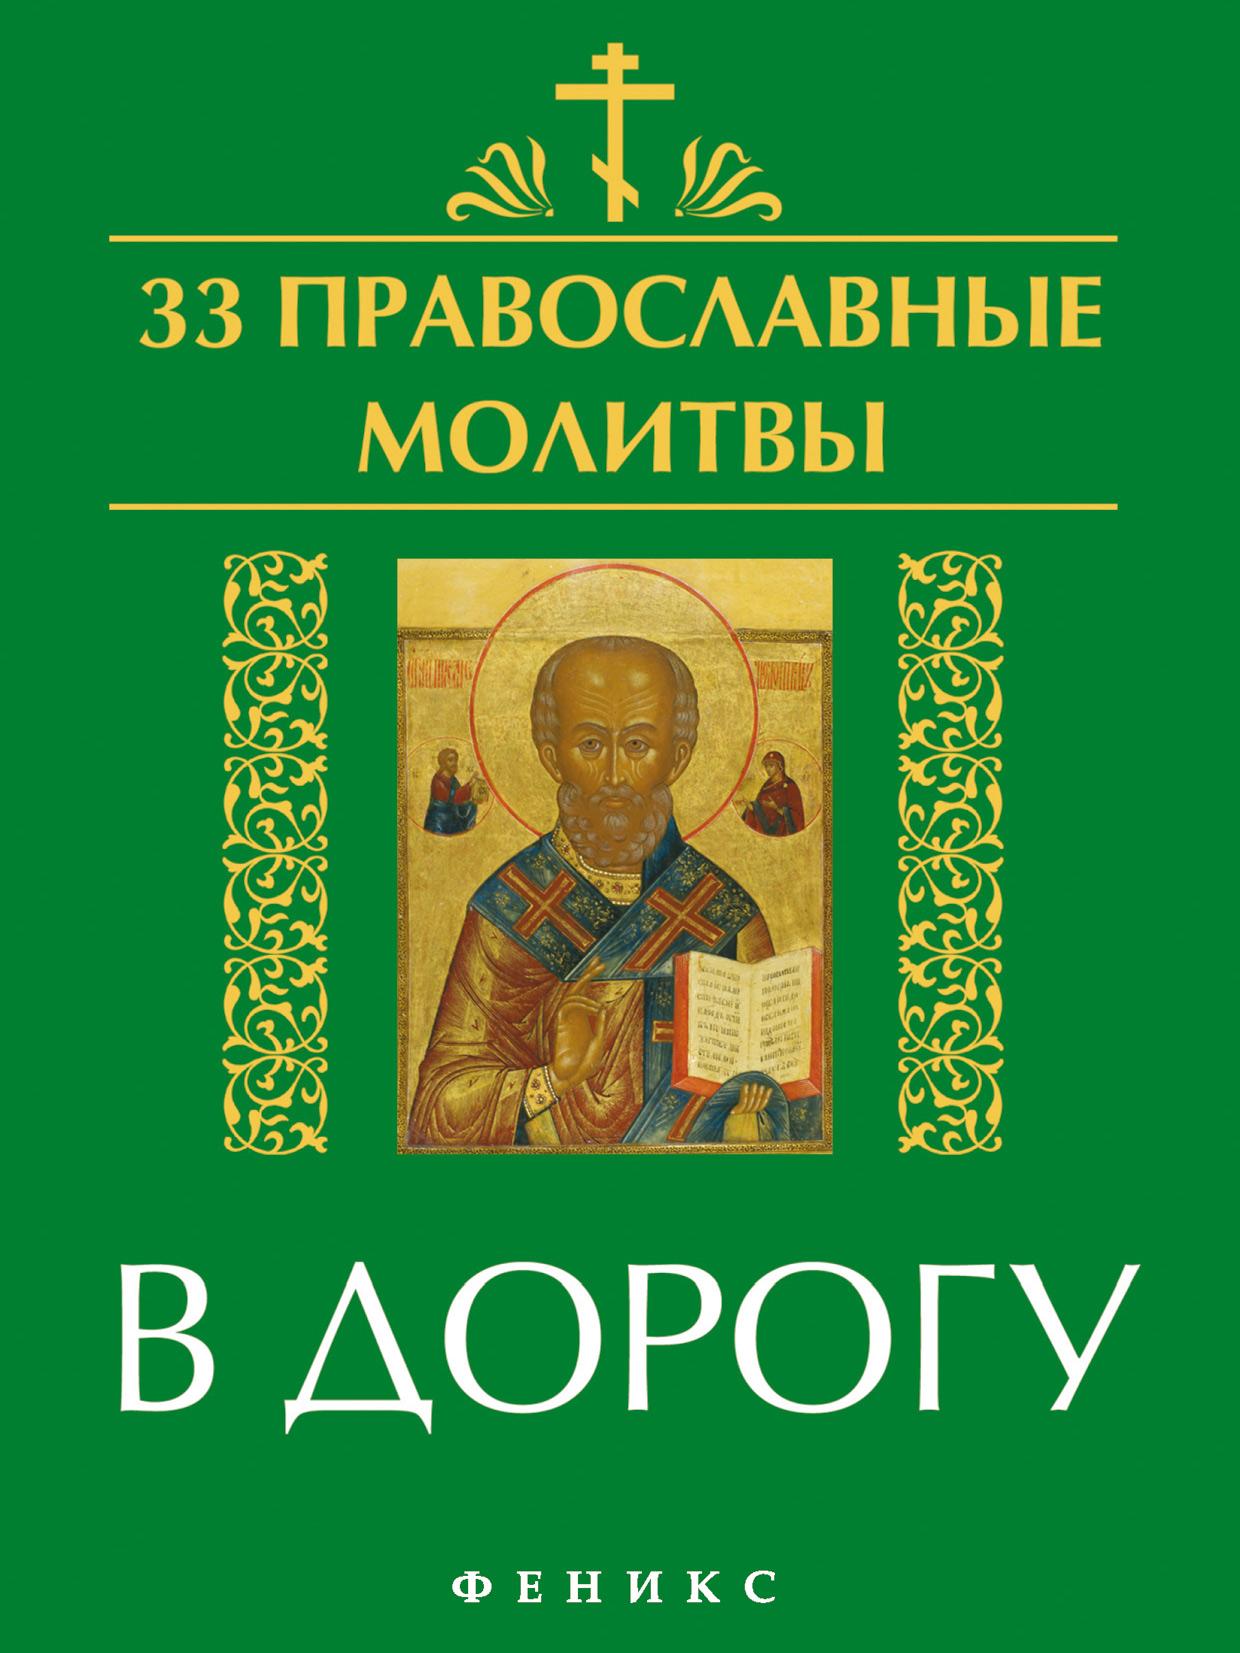 Отсутствует 33 православные молитвы в дорогу отсутствует сведения о питейных сборах в россии